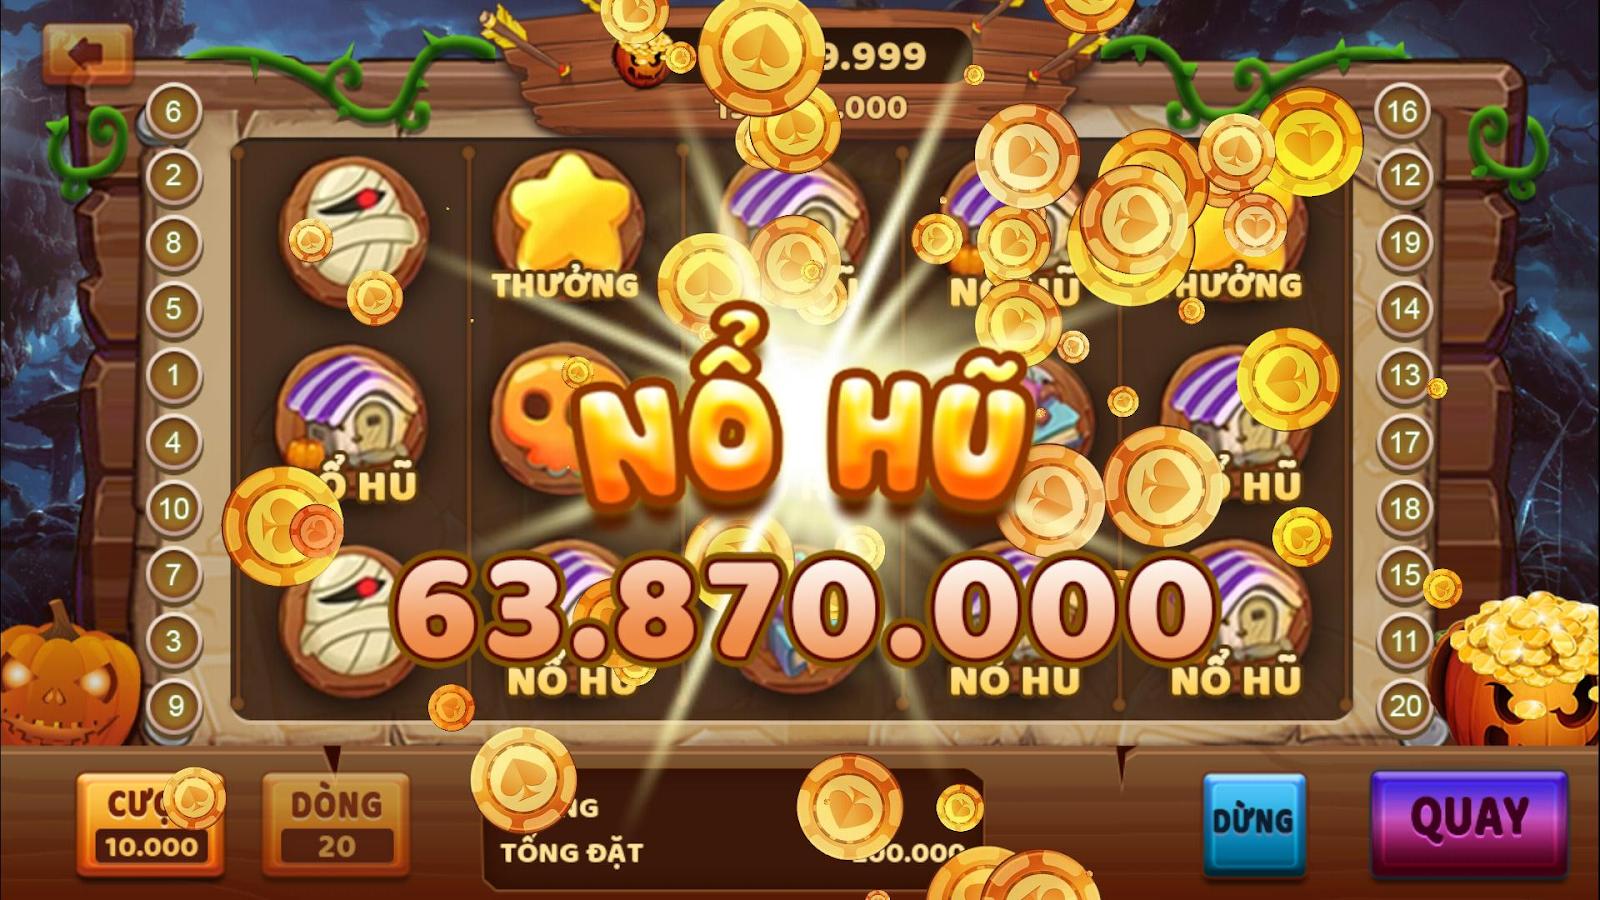 no hu 5